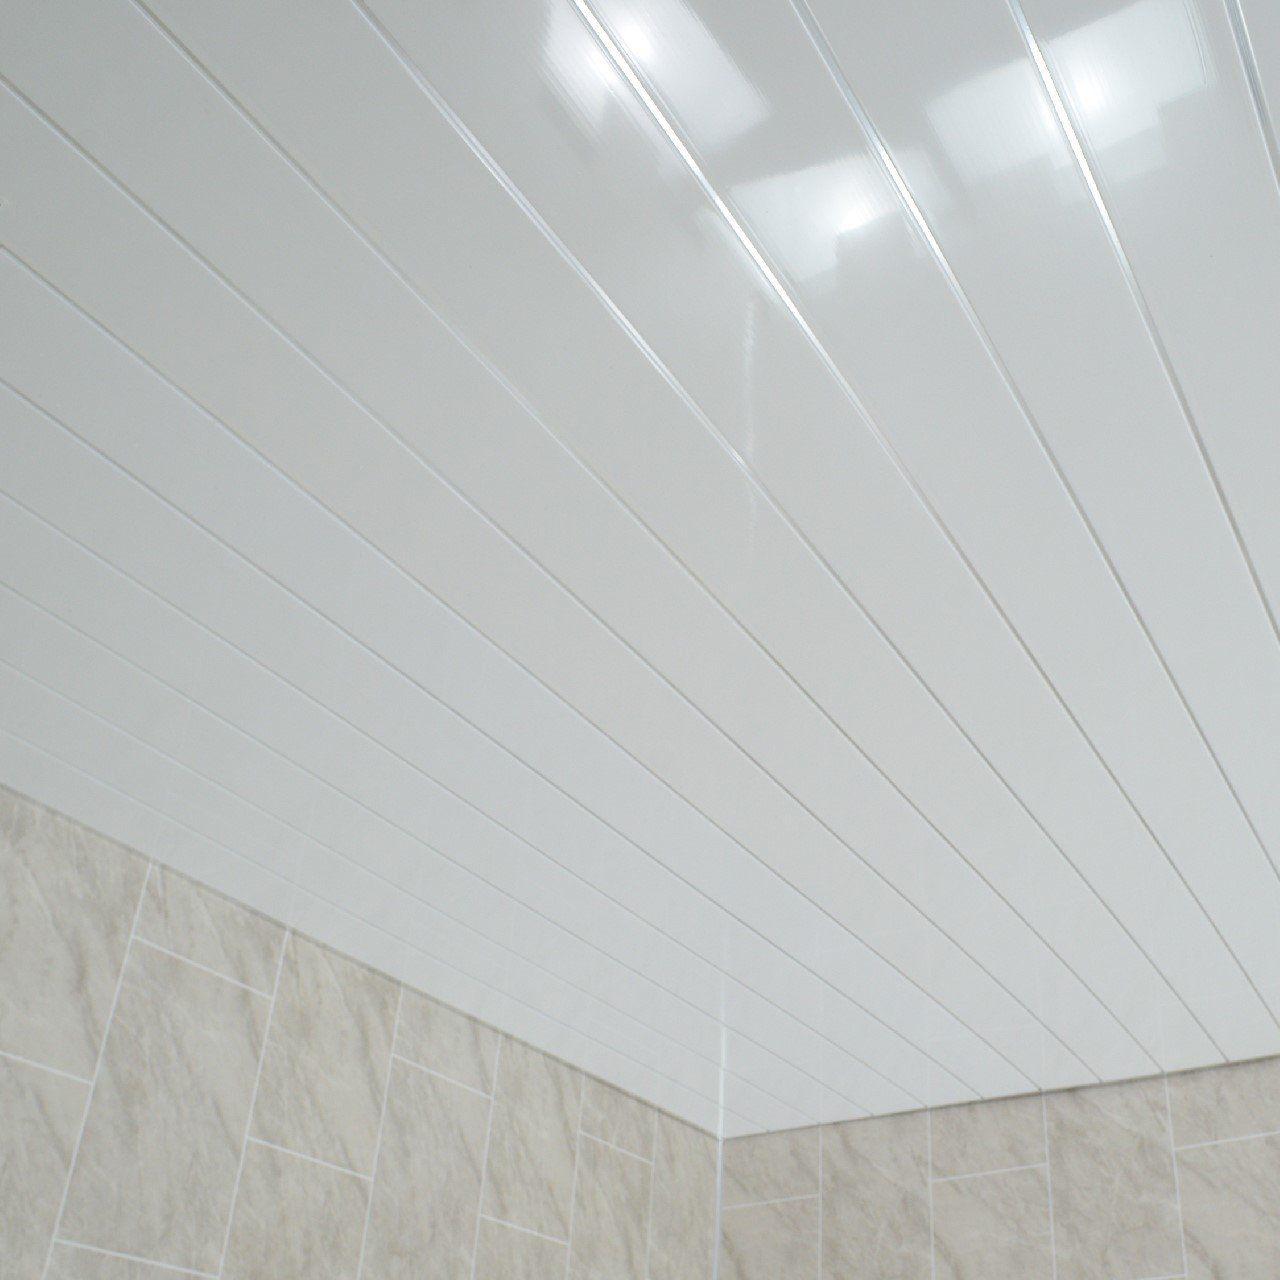 Amazon Co Uk Claddtech Ceiling Panels Bathroom Ceiling Panels Pvc Bathroom Panels Pvc Ceiling Design